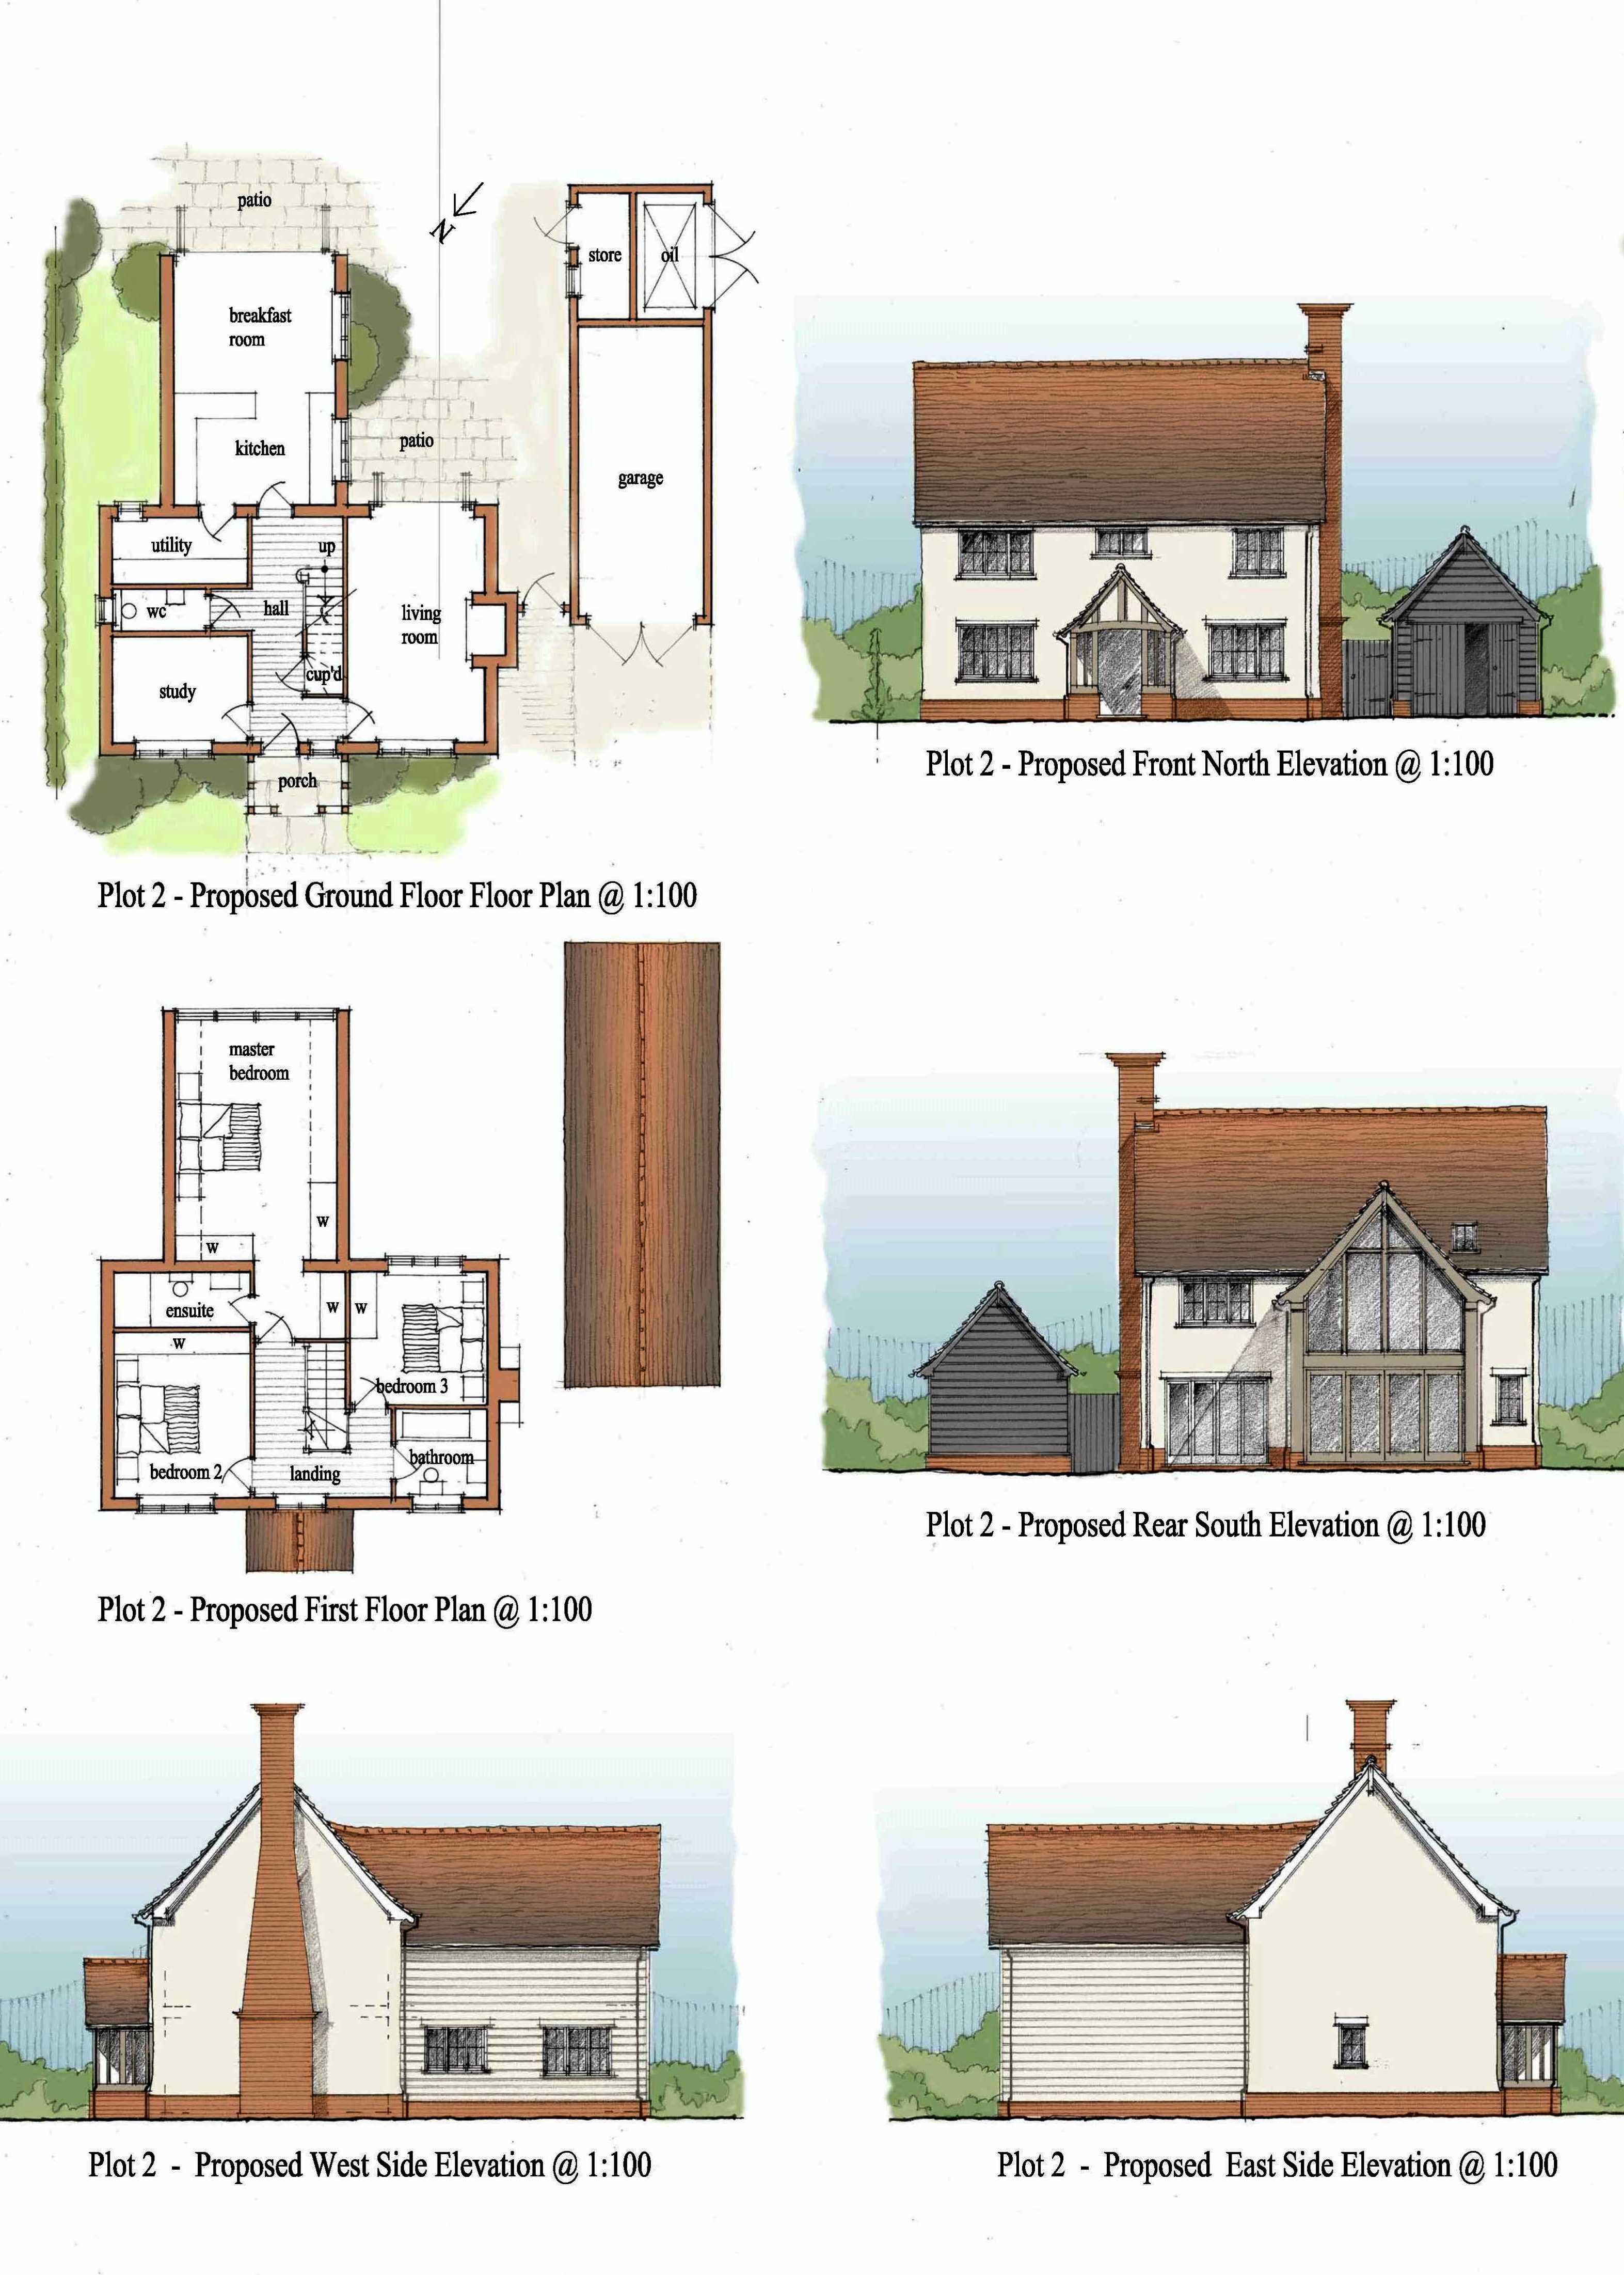 houses, in the Essex village of Debden, near Saffron Walden, Essex